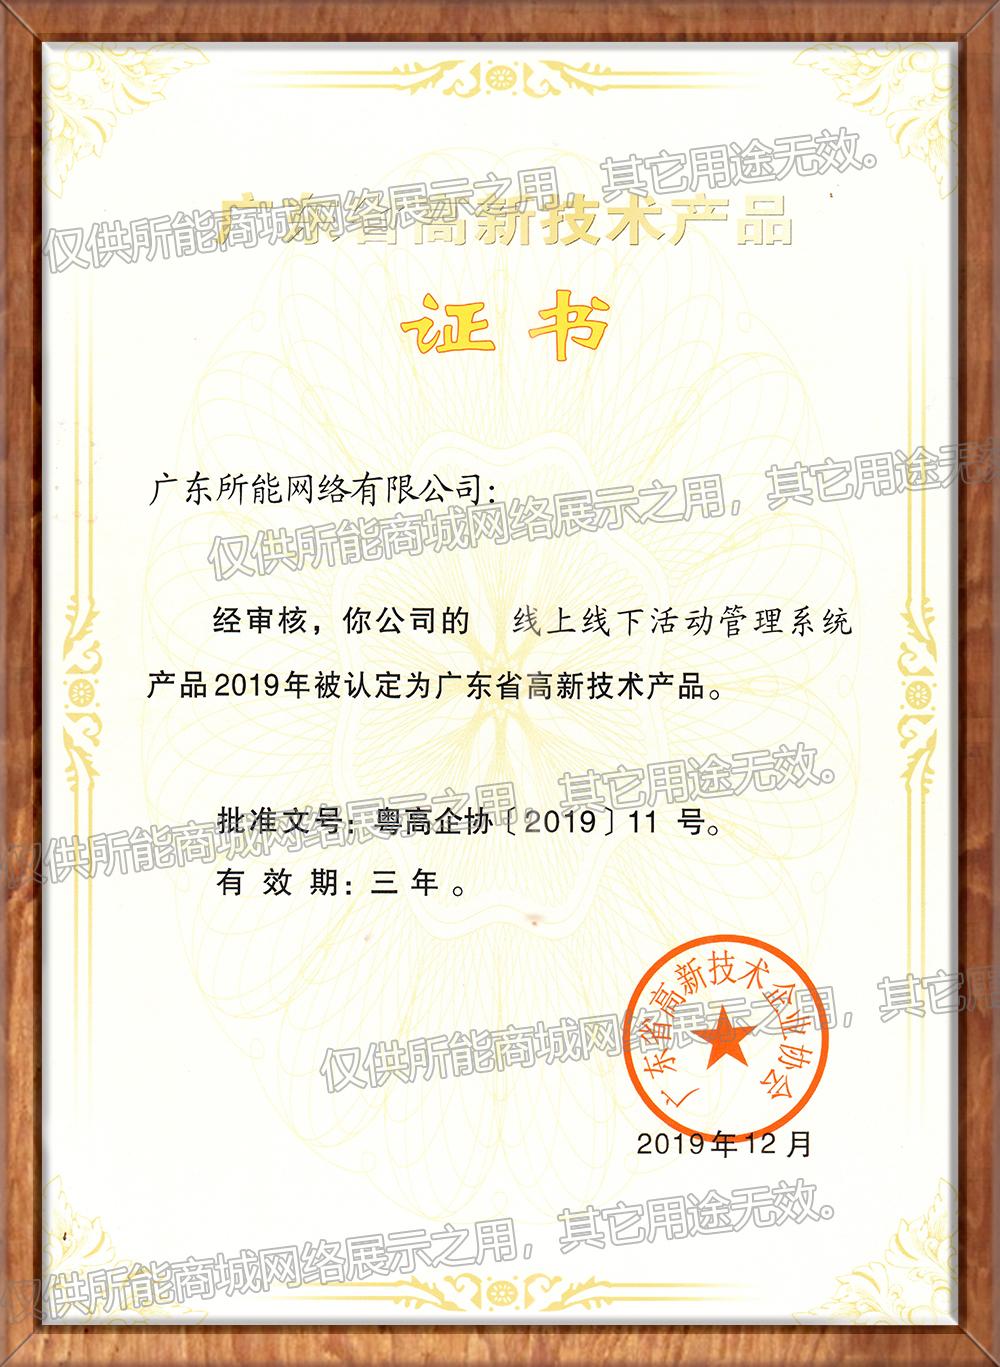 广东省高新技术产品-线上线下活动管理系统